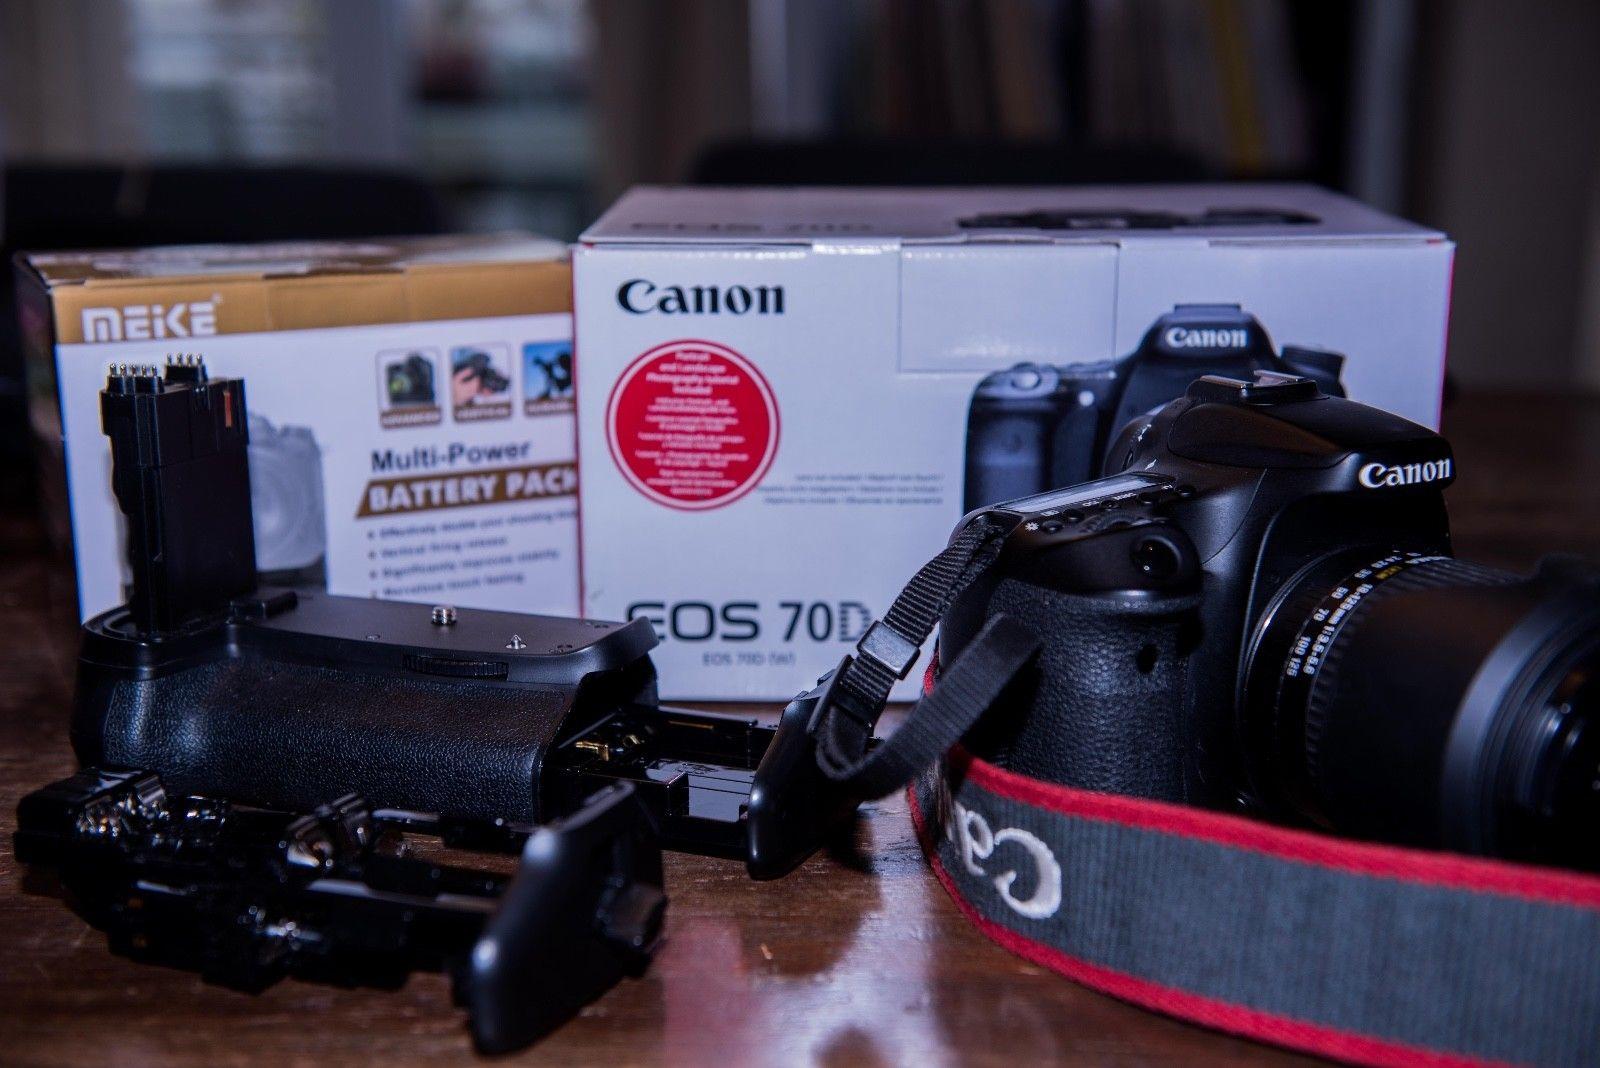 Canon EOS 70D Zubehörpaket: Sigma 18-125mm 1:3.5-5.6 3 Zusatzakkus Batteriegriff